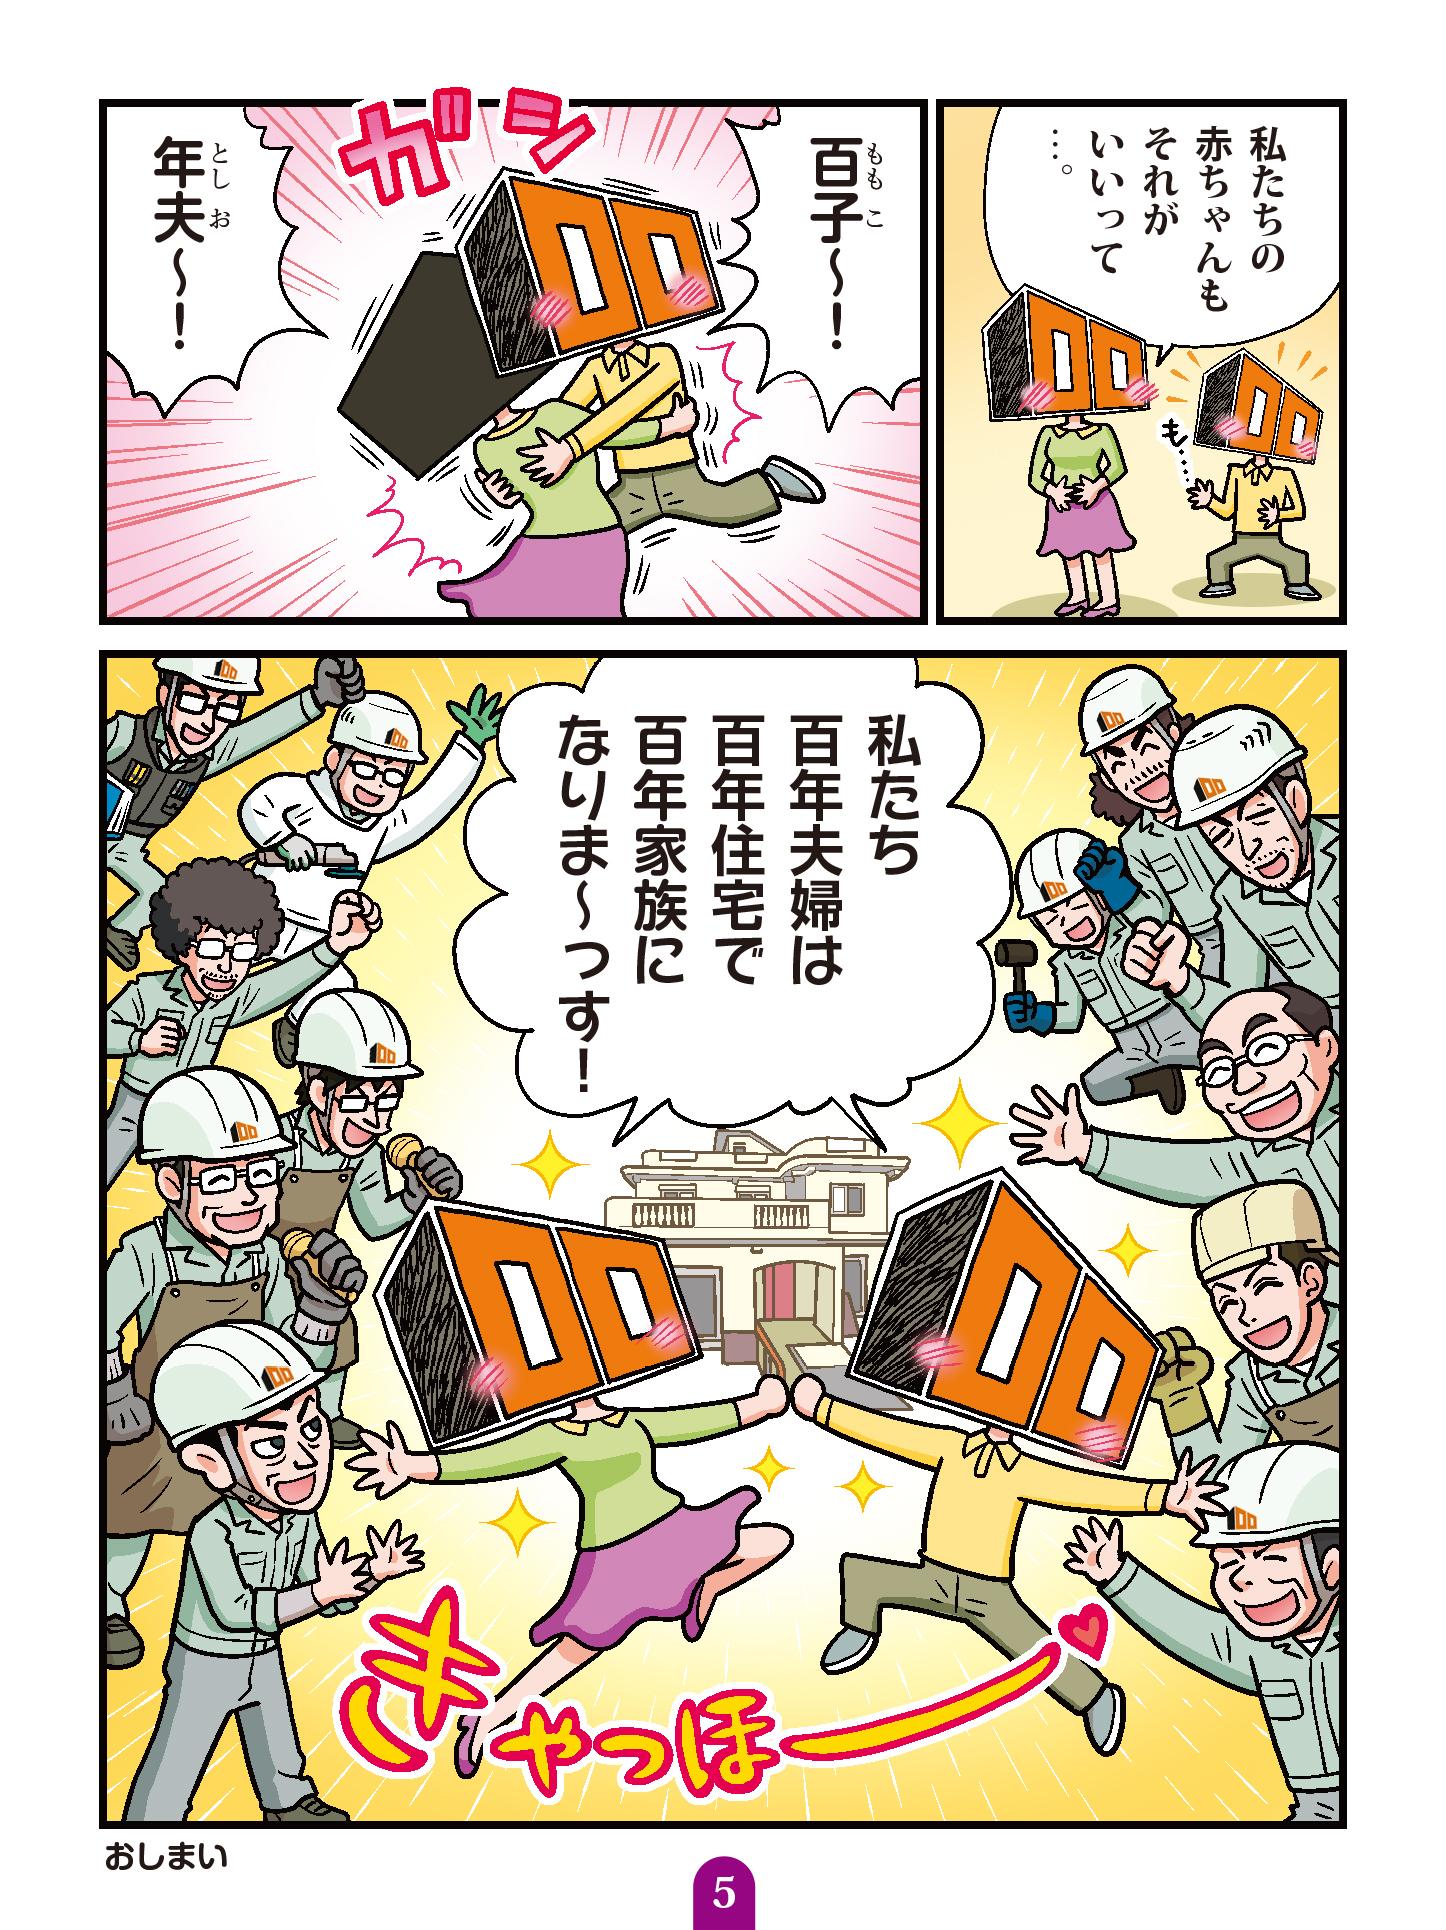 最強職人列伝 最終話 検査職人と補修職人05